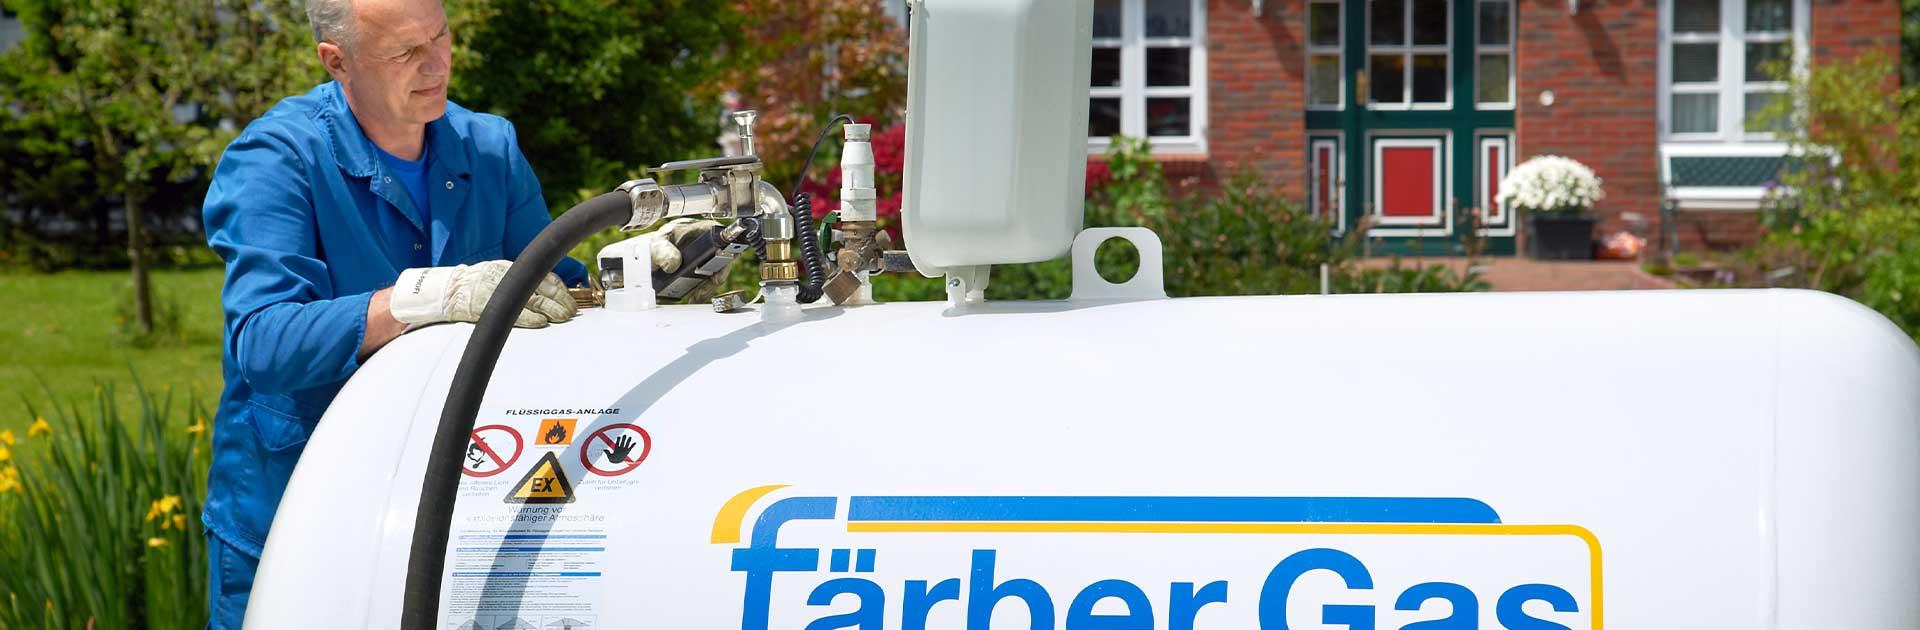 Färber Gas Startseite Intro Bild Gastank